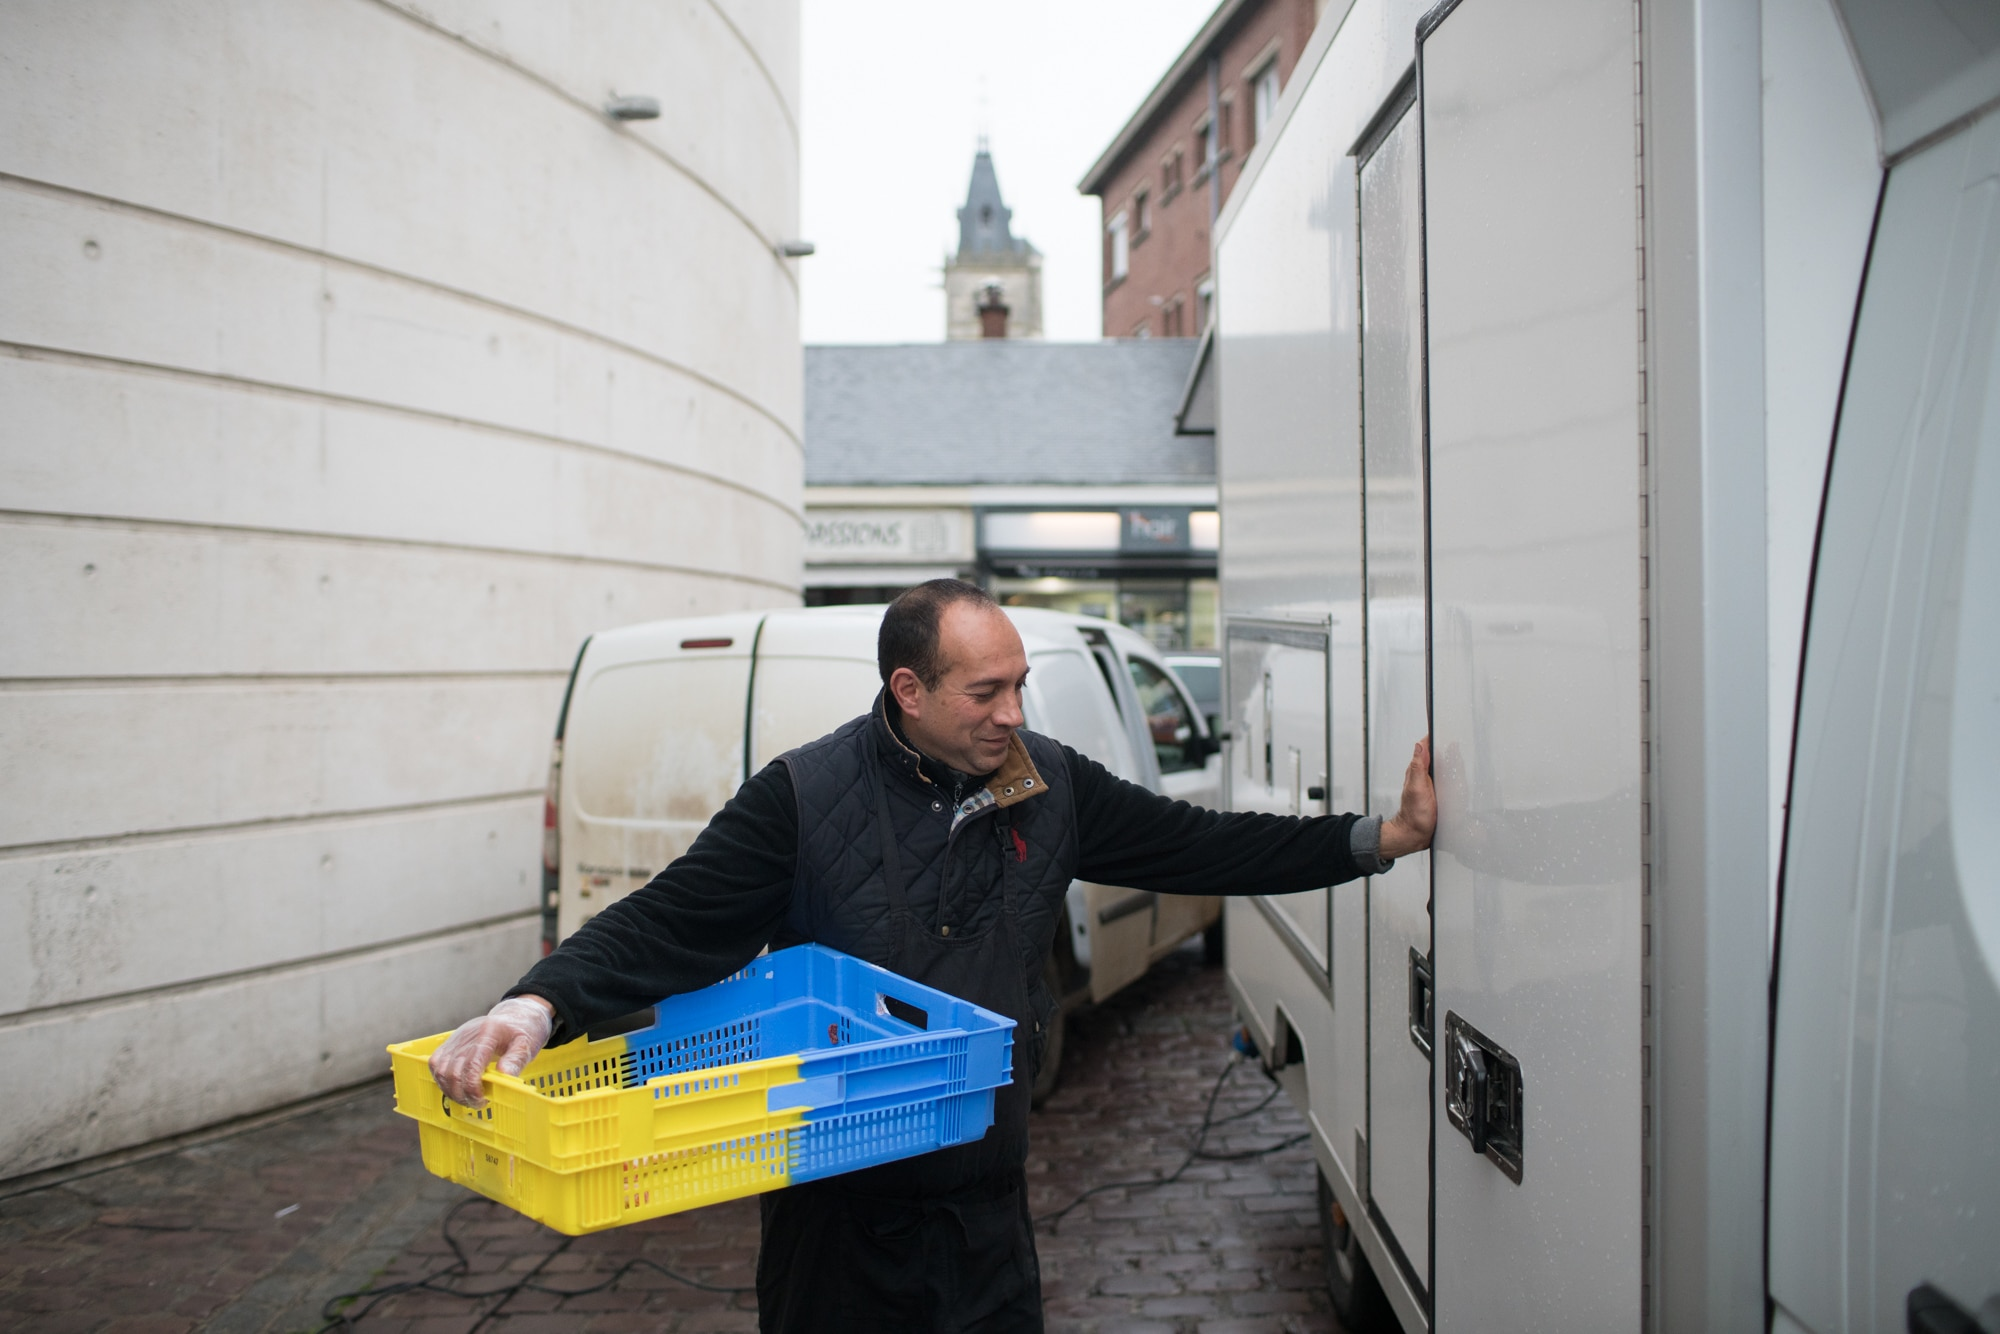 Alain ferme la porte de son camion de la main gauche. Sa main droite, gantée, porte une caisse vide.